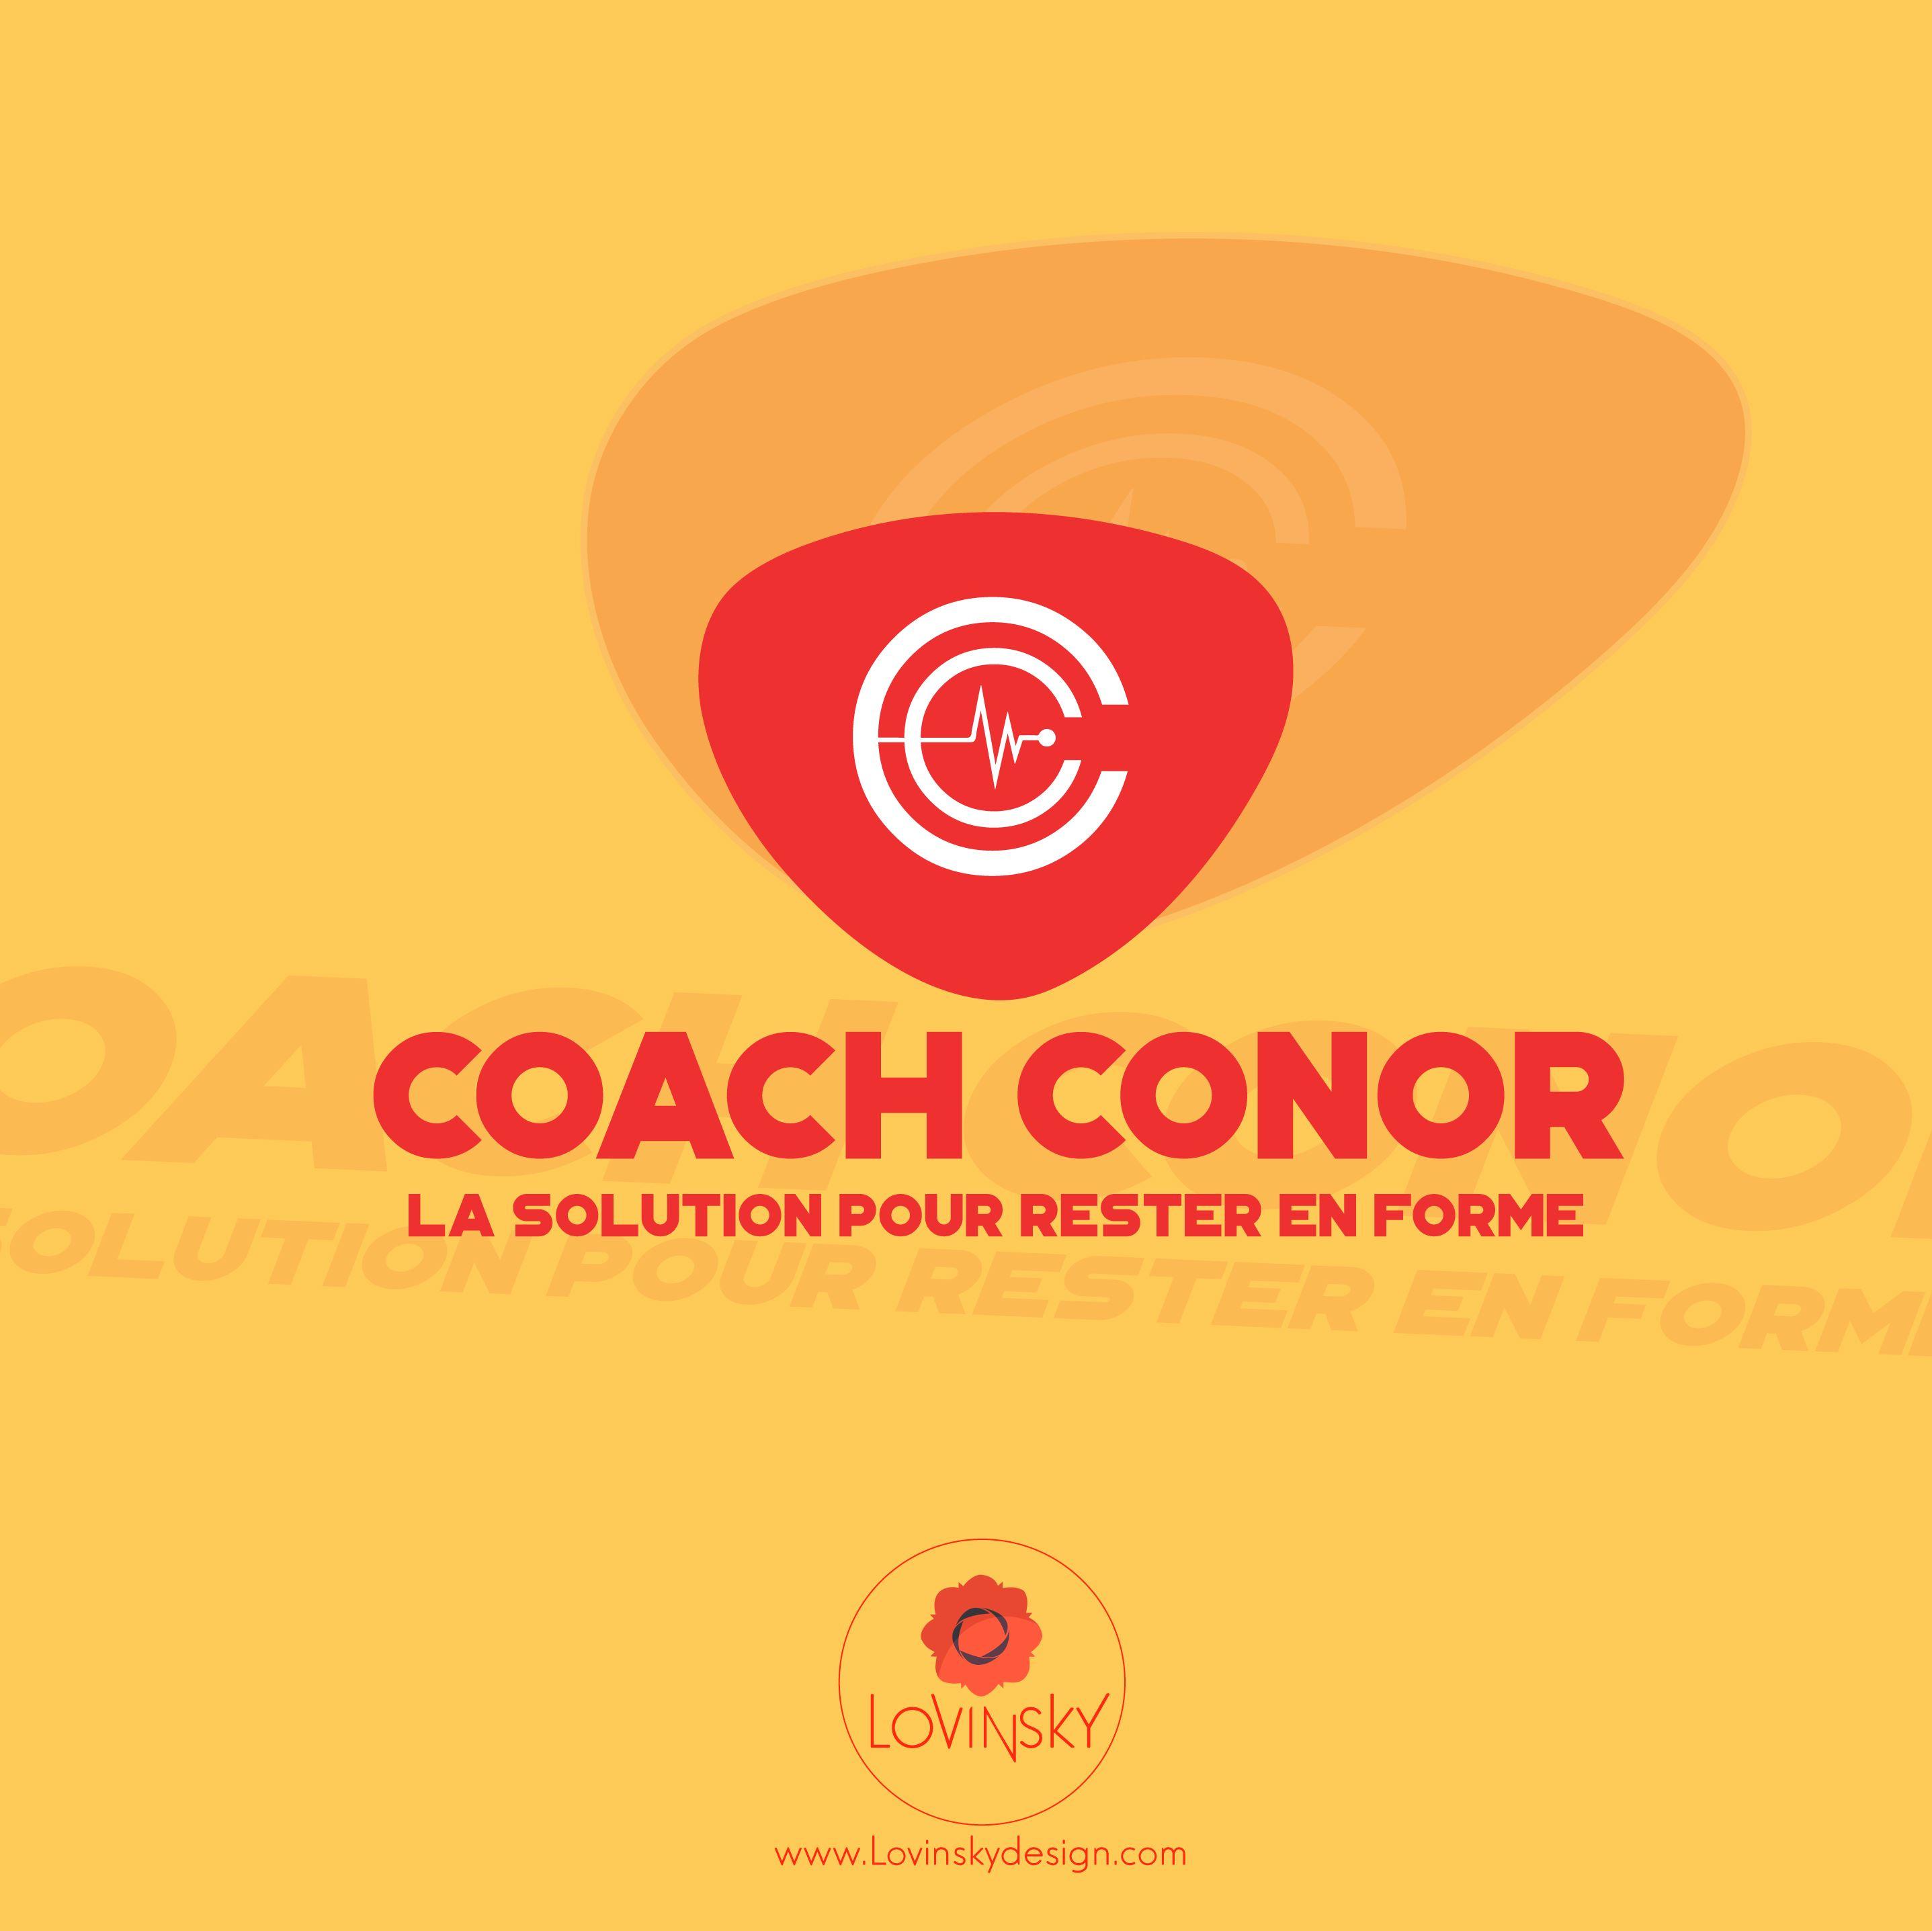 coach-conor logo lovinsky graphiste webdesigner freelance nantes 44